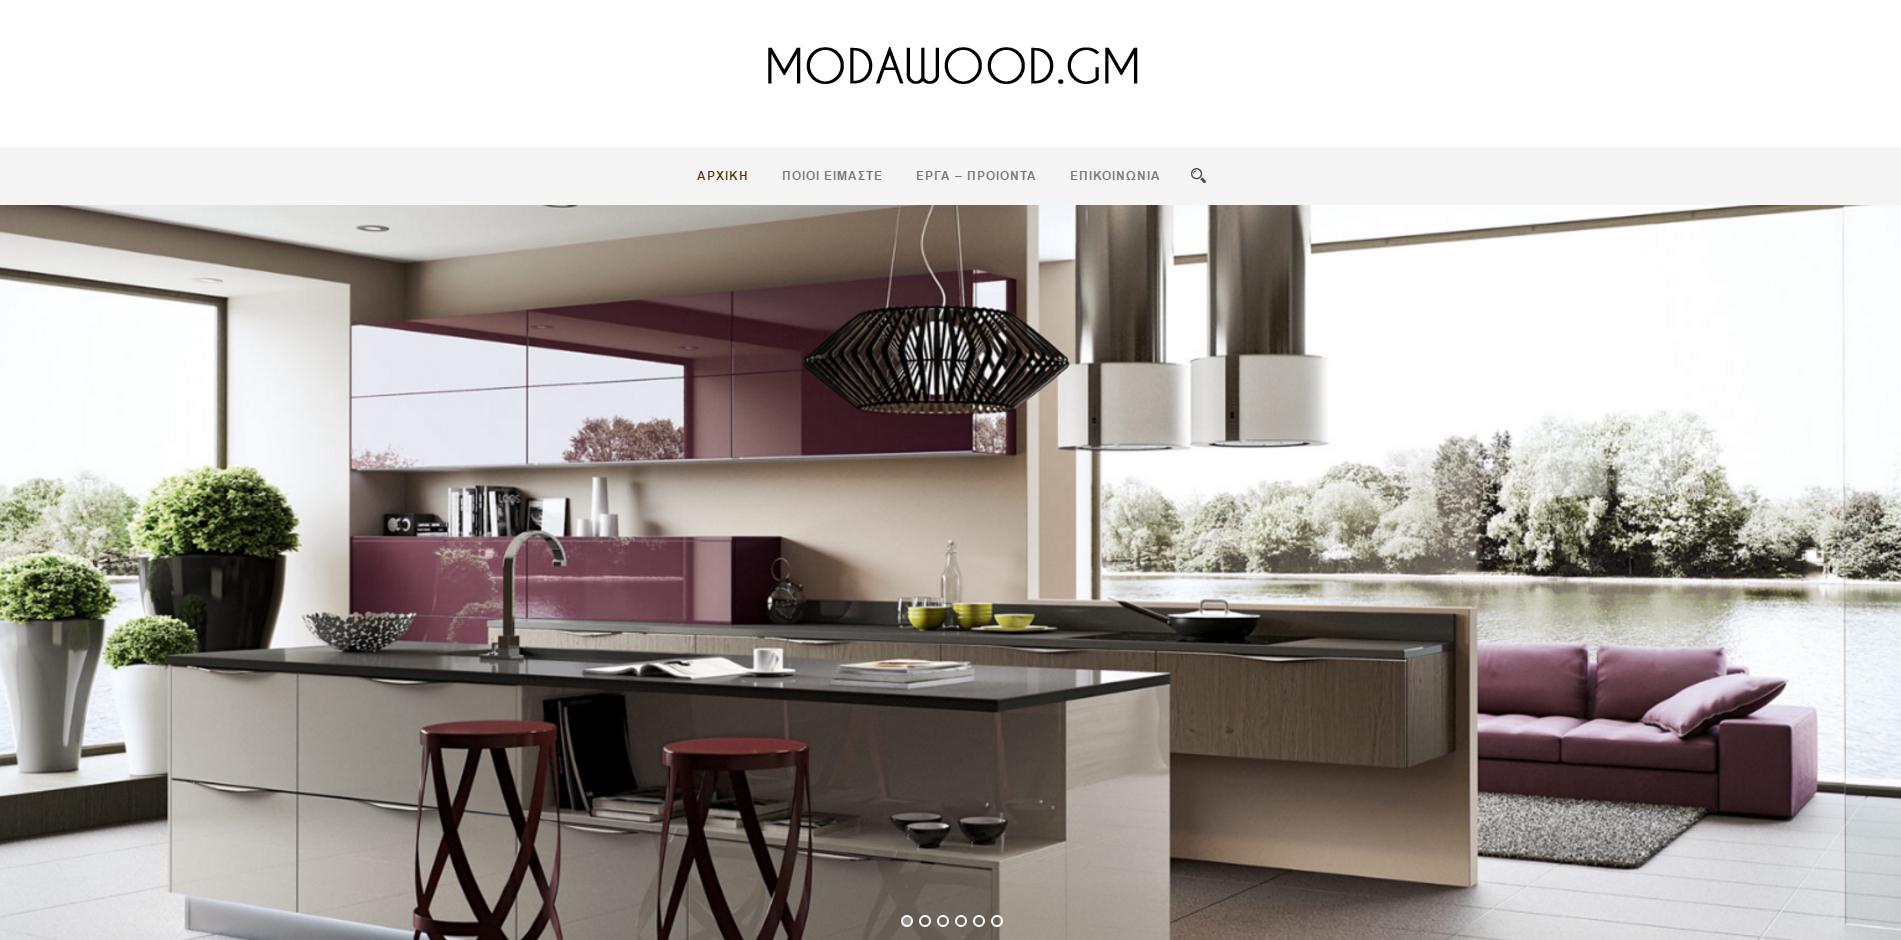 ΙΣΤΟΣΕΛΙΔΑ MODAWOOD.GM